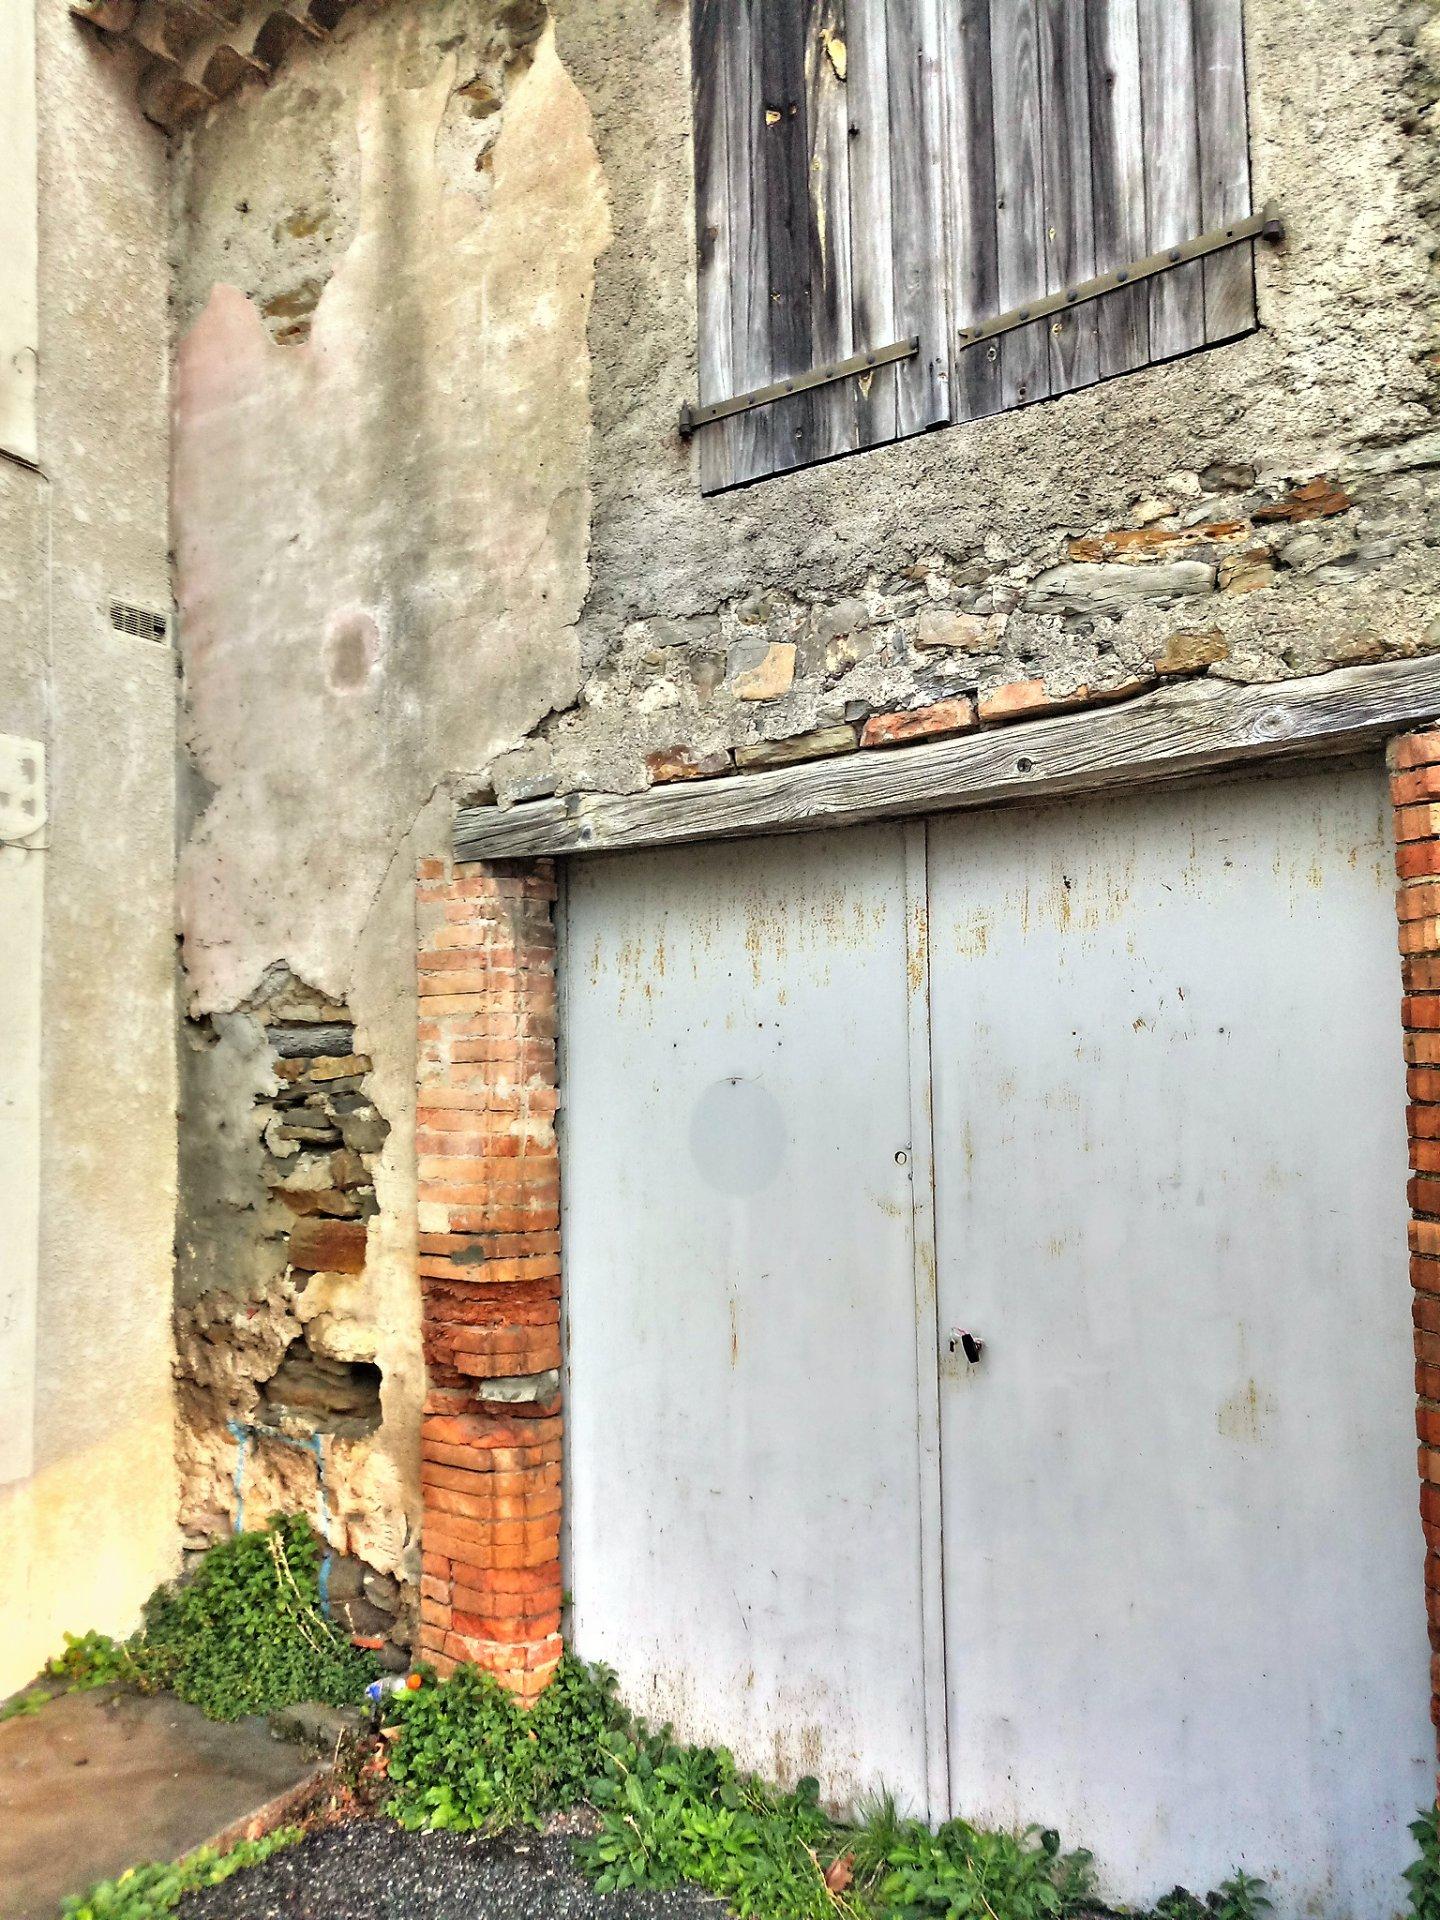 Vente Parking/box Lézignan-Corbières Lézignan-Corbières 11200